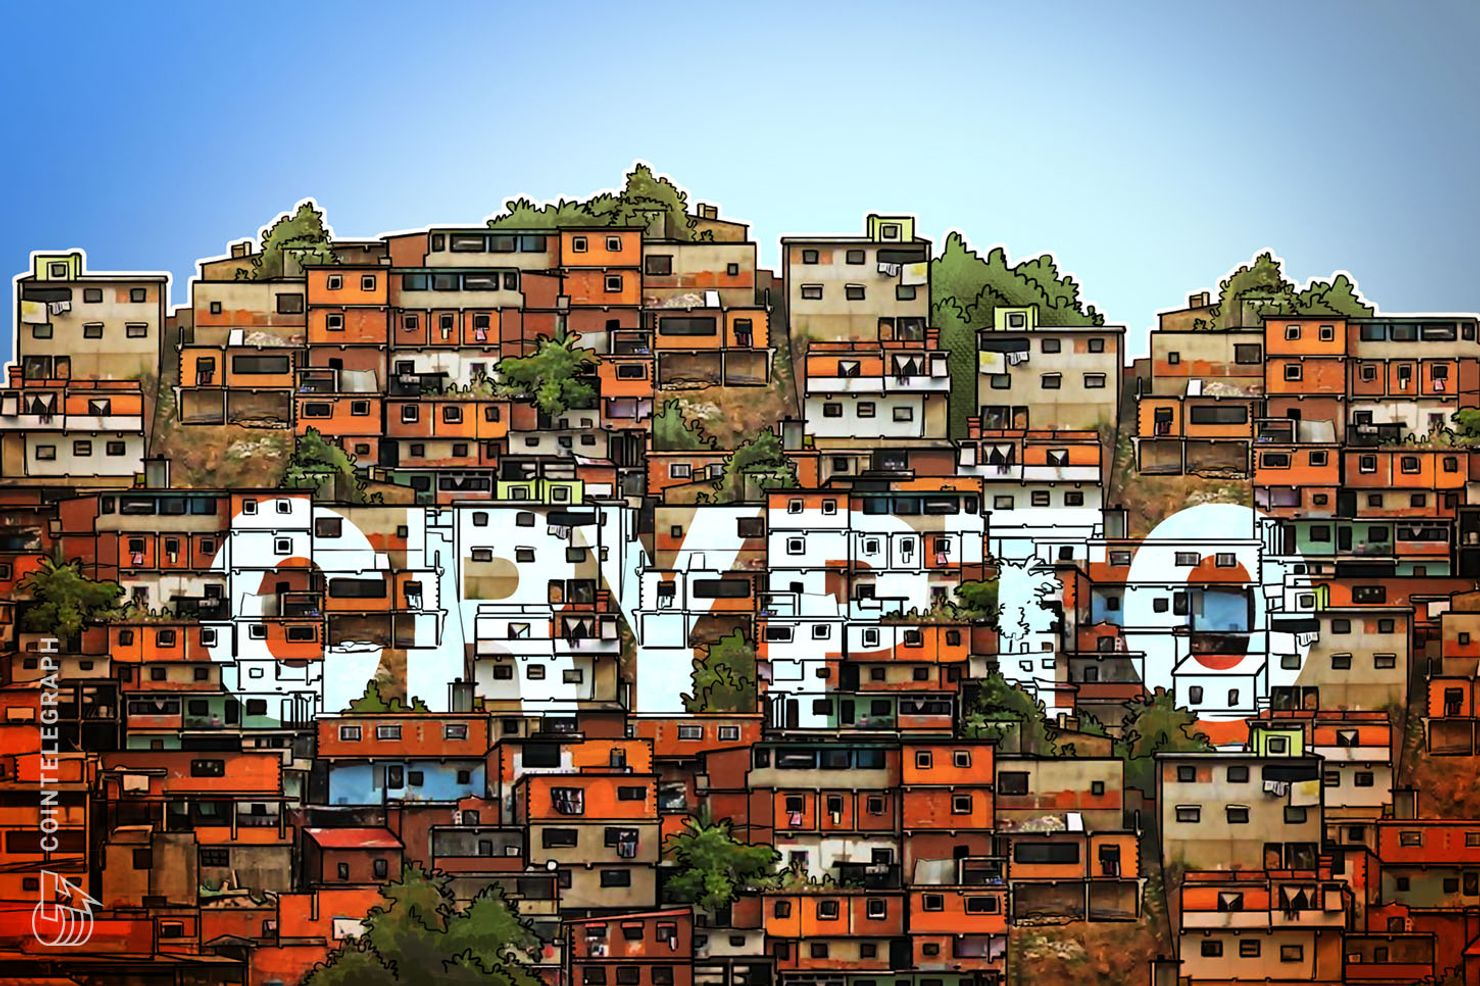 Latinoamérica: Venezuela y Colombia están a la cabeza en el volumen comerciado en LocalBitcoins en 2019